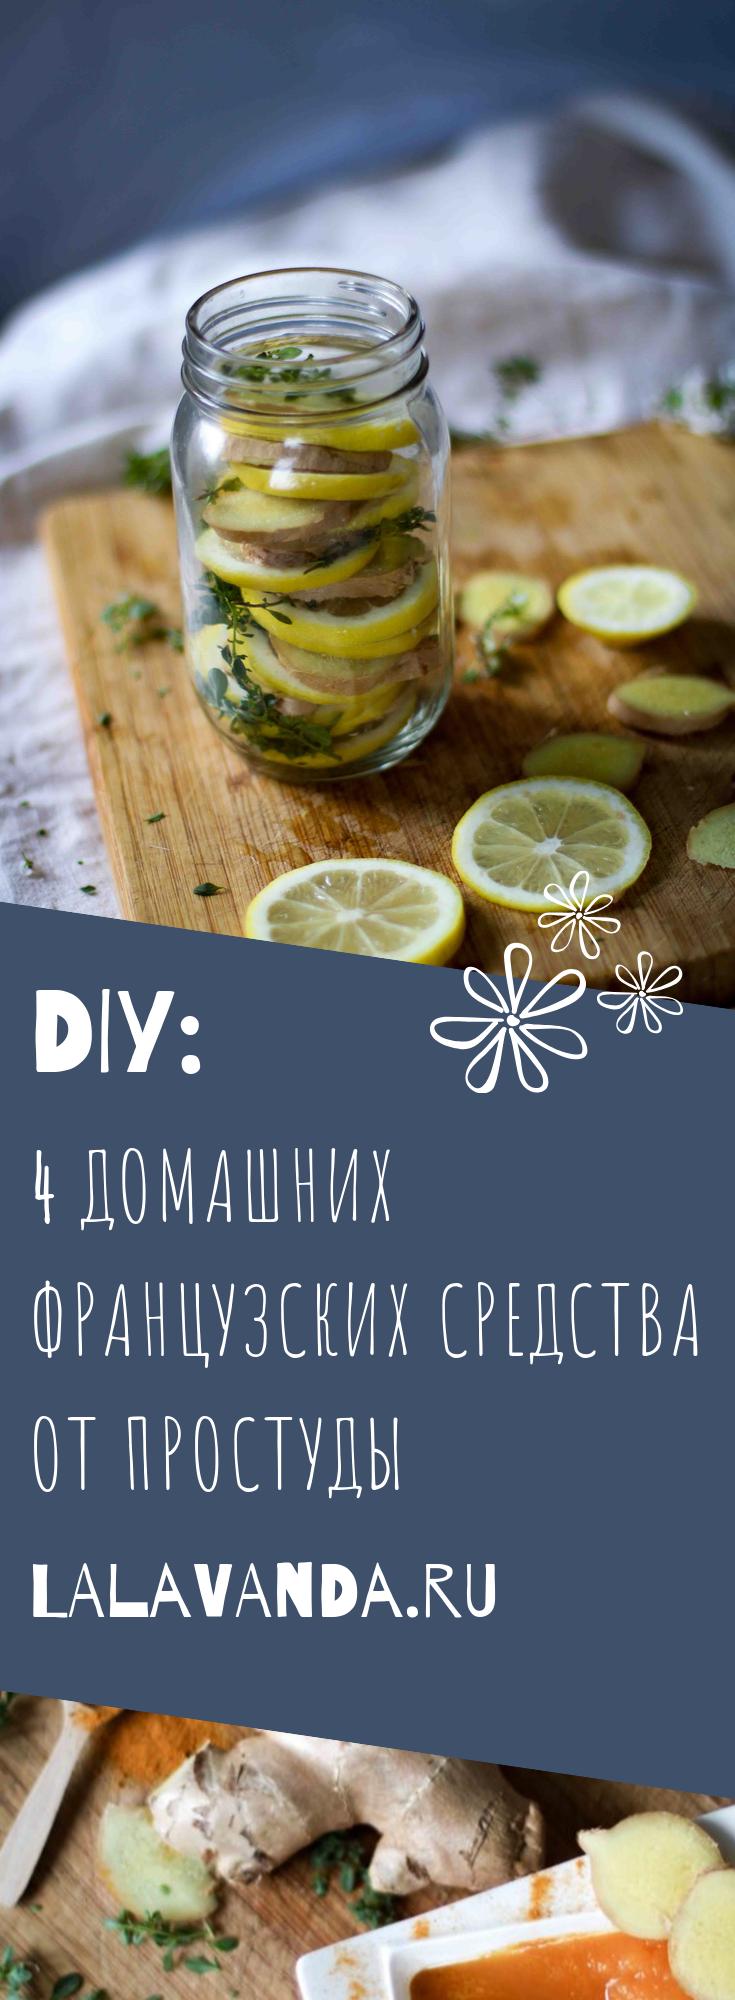 Масла для лечения бронхита : инструкция по применению   компетентно о здоровье на ilive